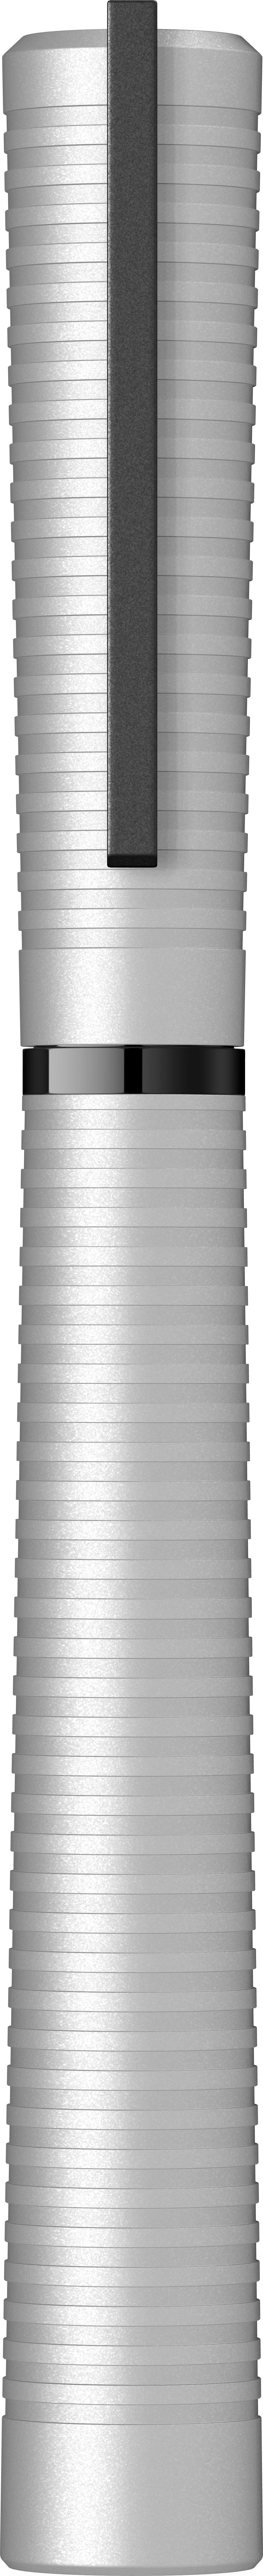 Silver BT-5038